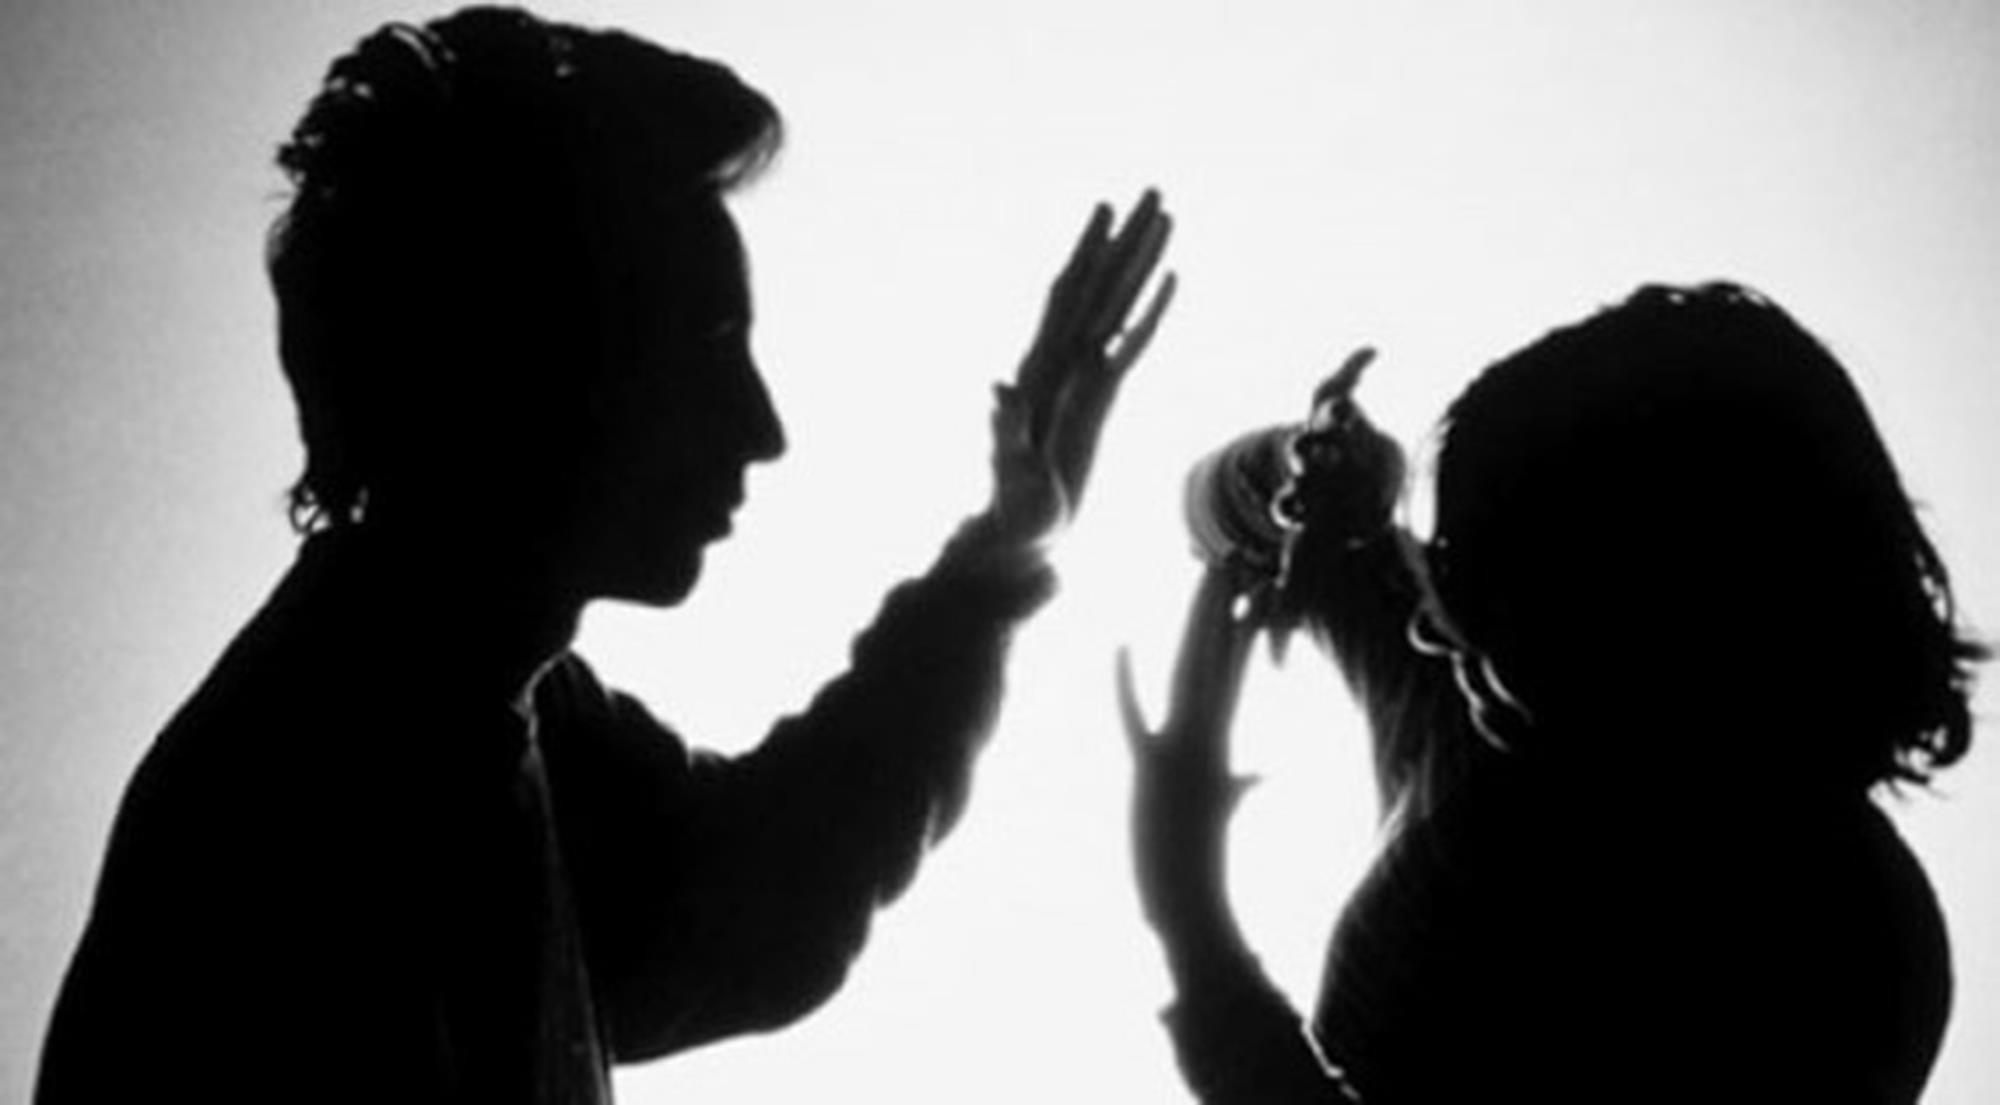 Sắp trình Chính phủ đề nghị xây dựng Luật Phòng chống bạo lực gia đình sửa đổi